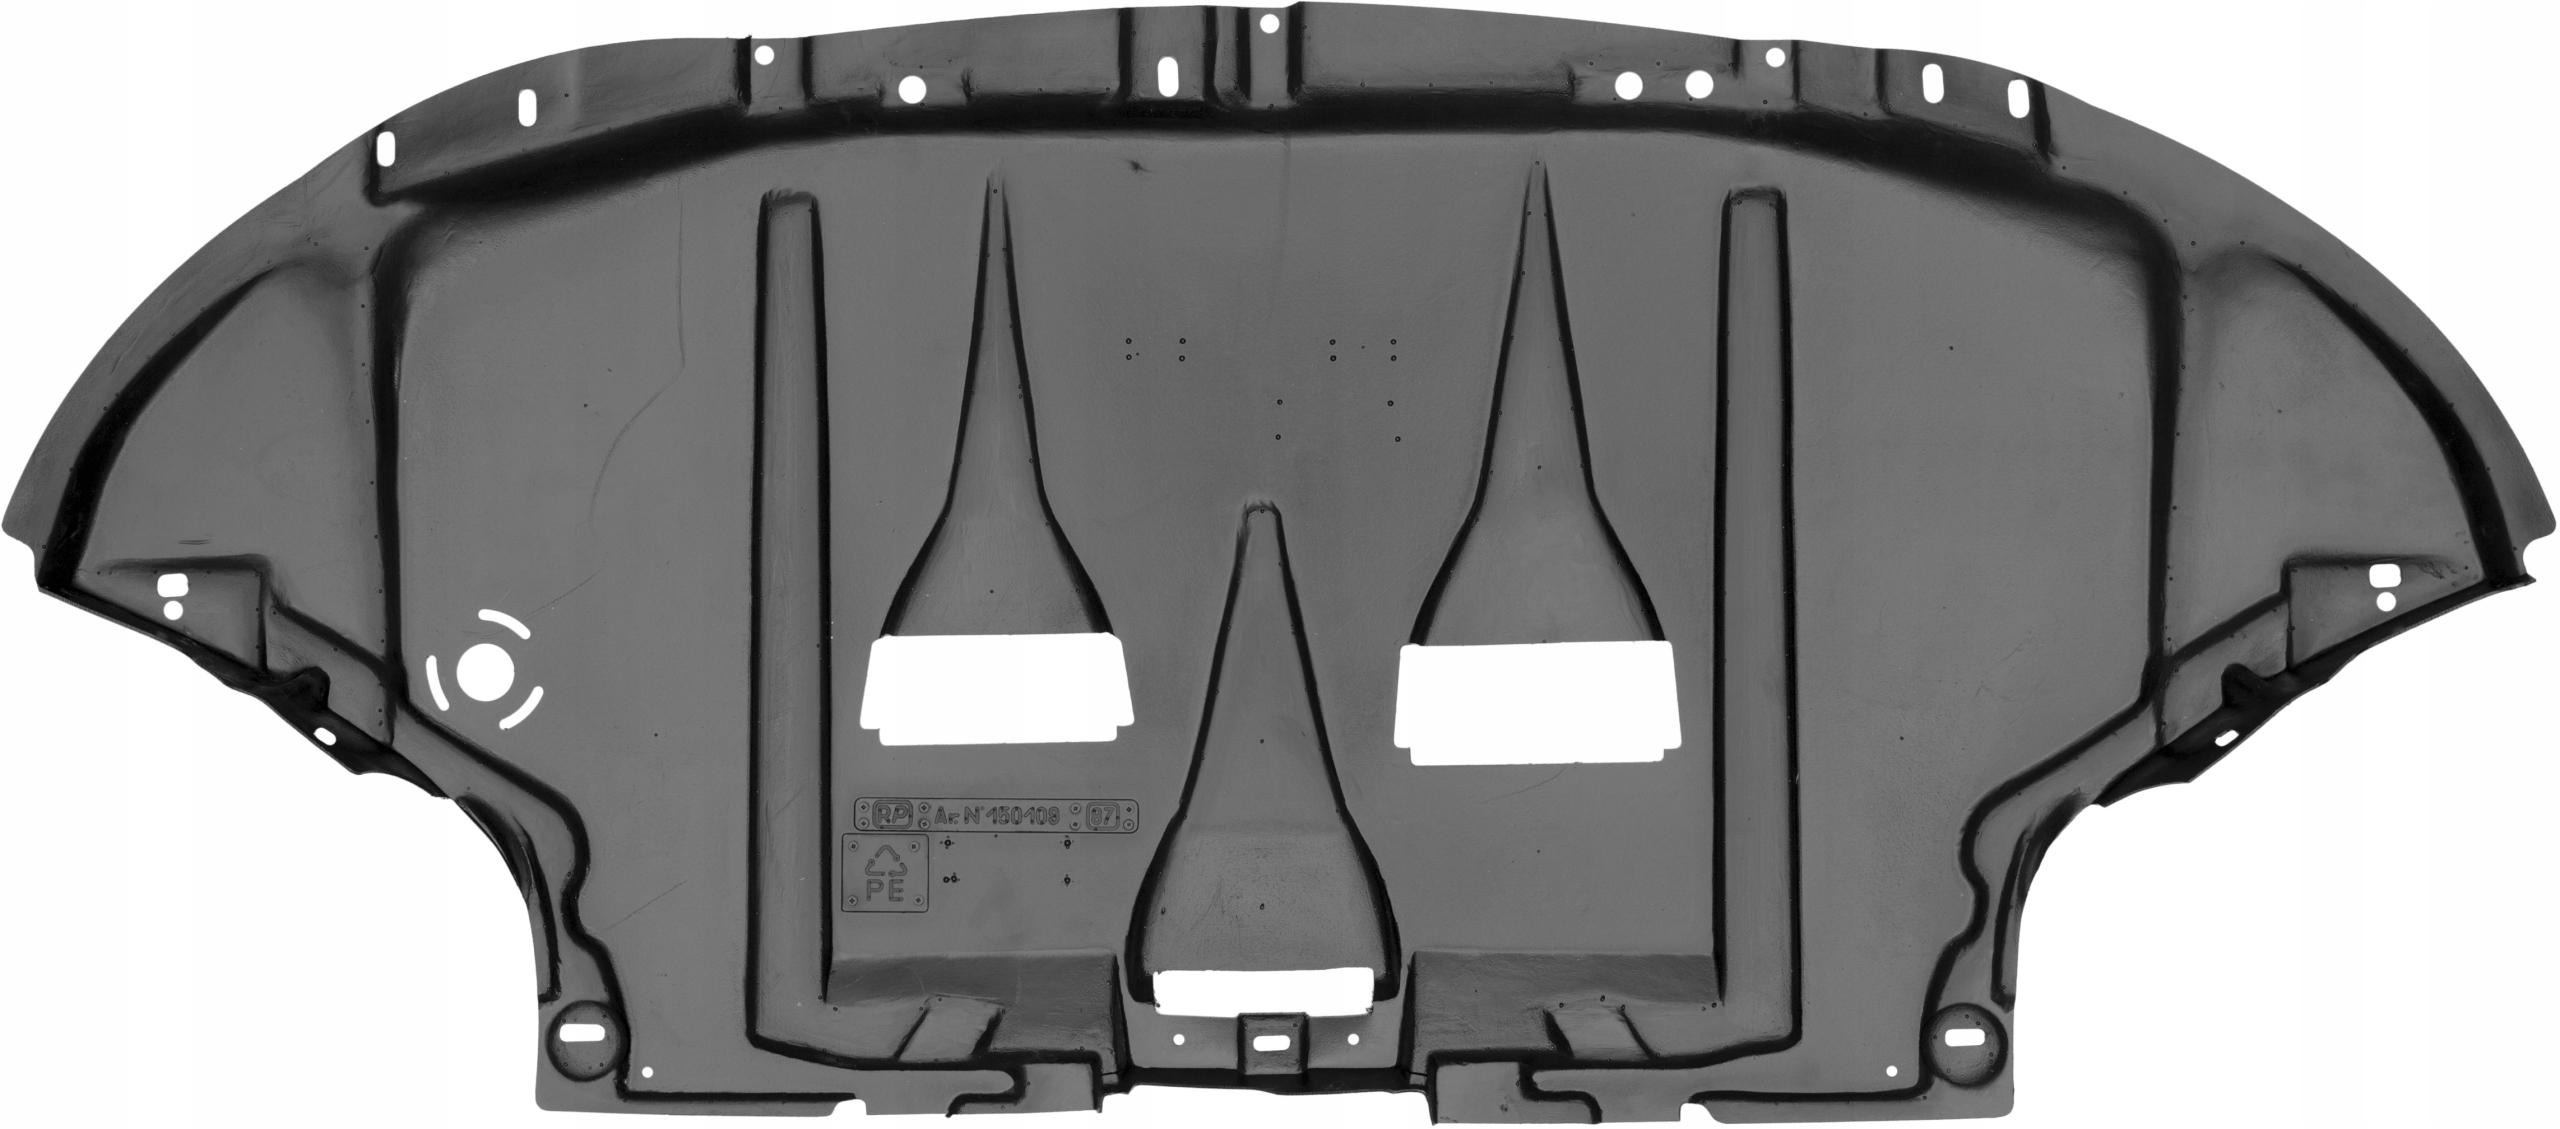 audi a4 s4 b6 2000-2004 крышка под двигатель